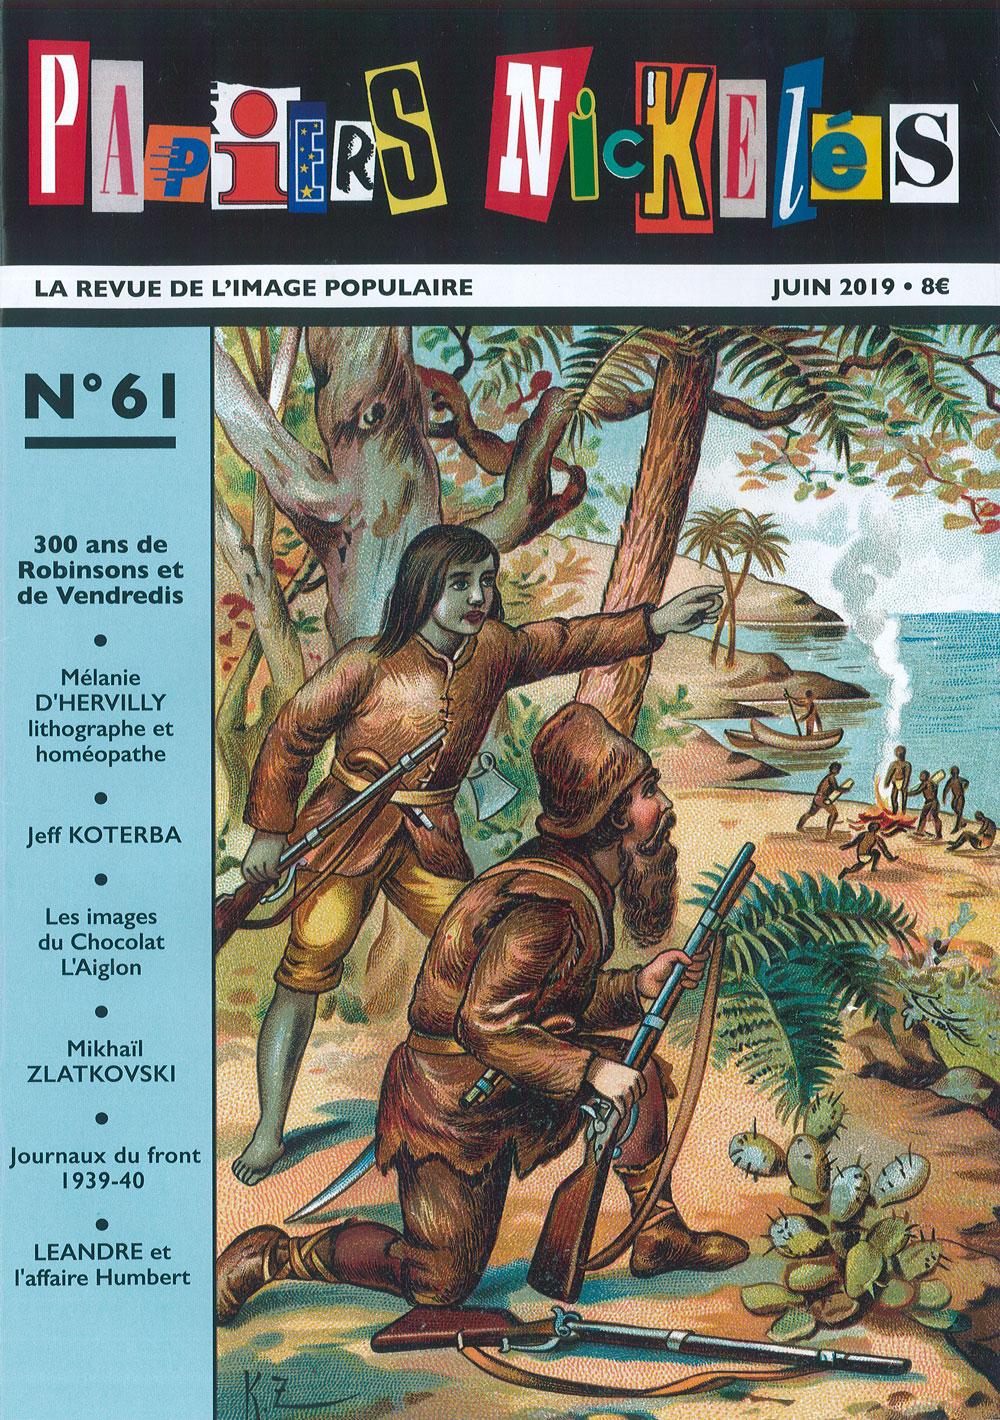 Papiers Nickelés n° 61